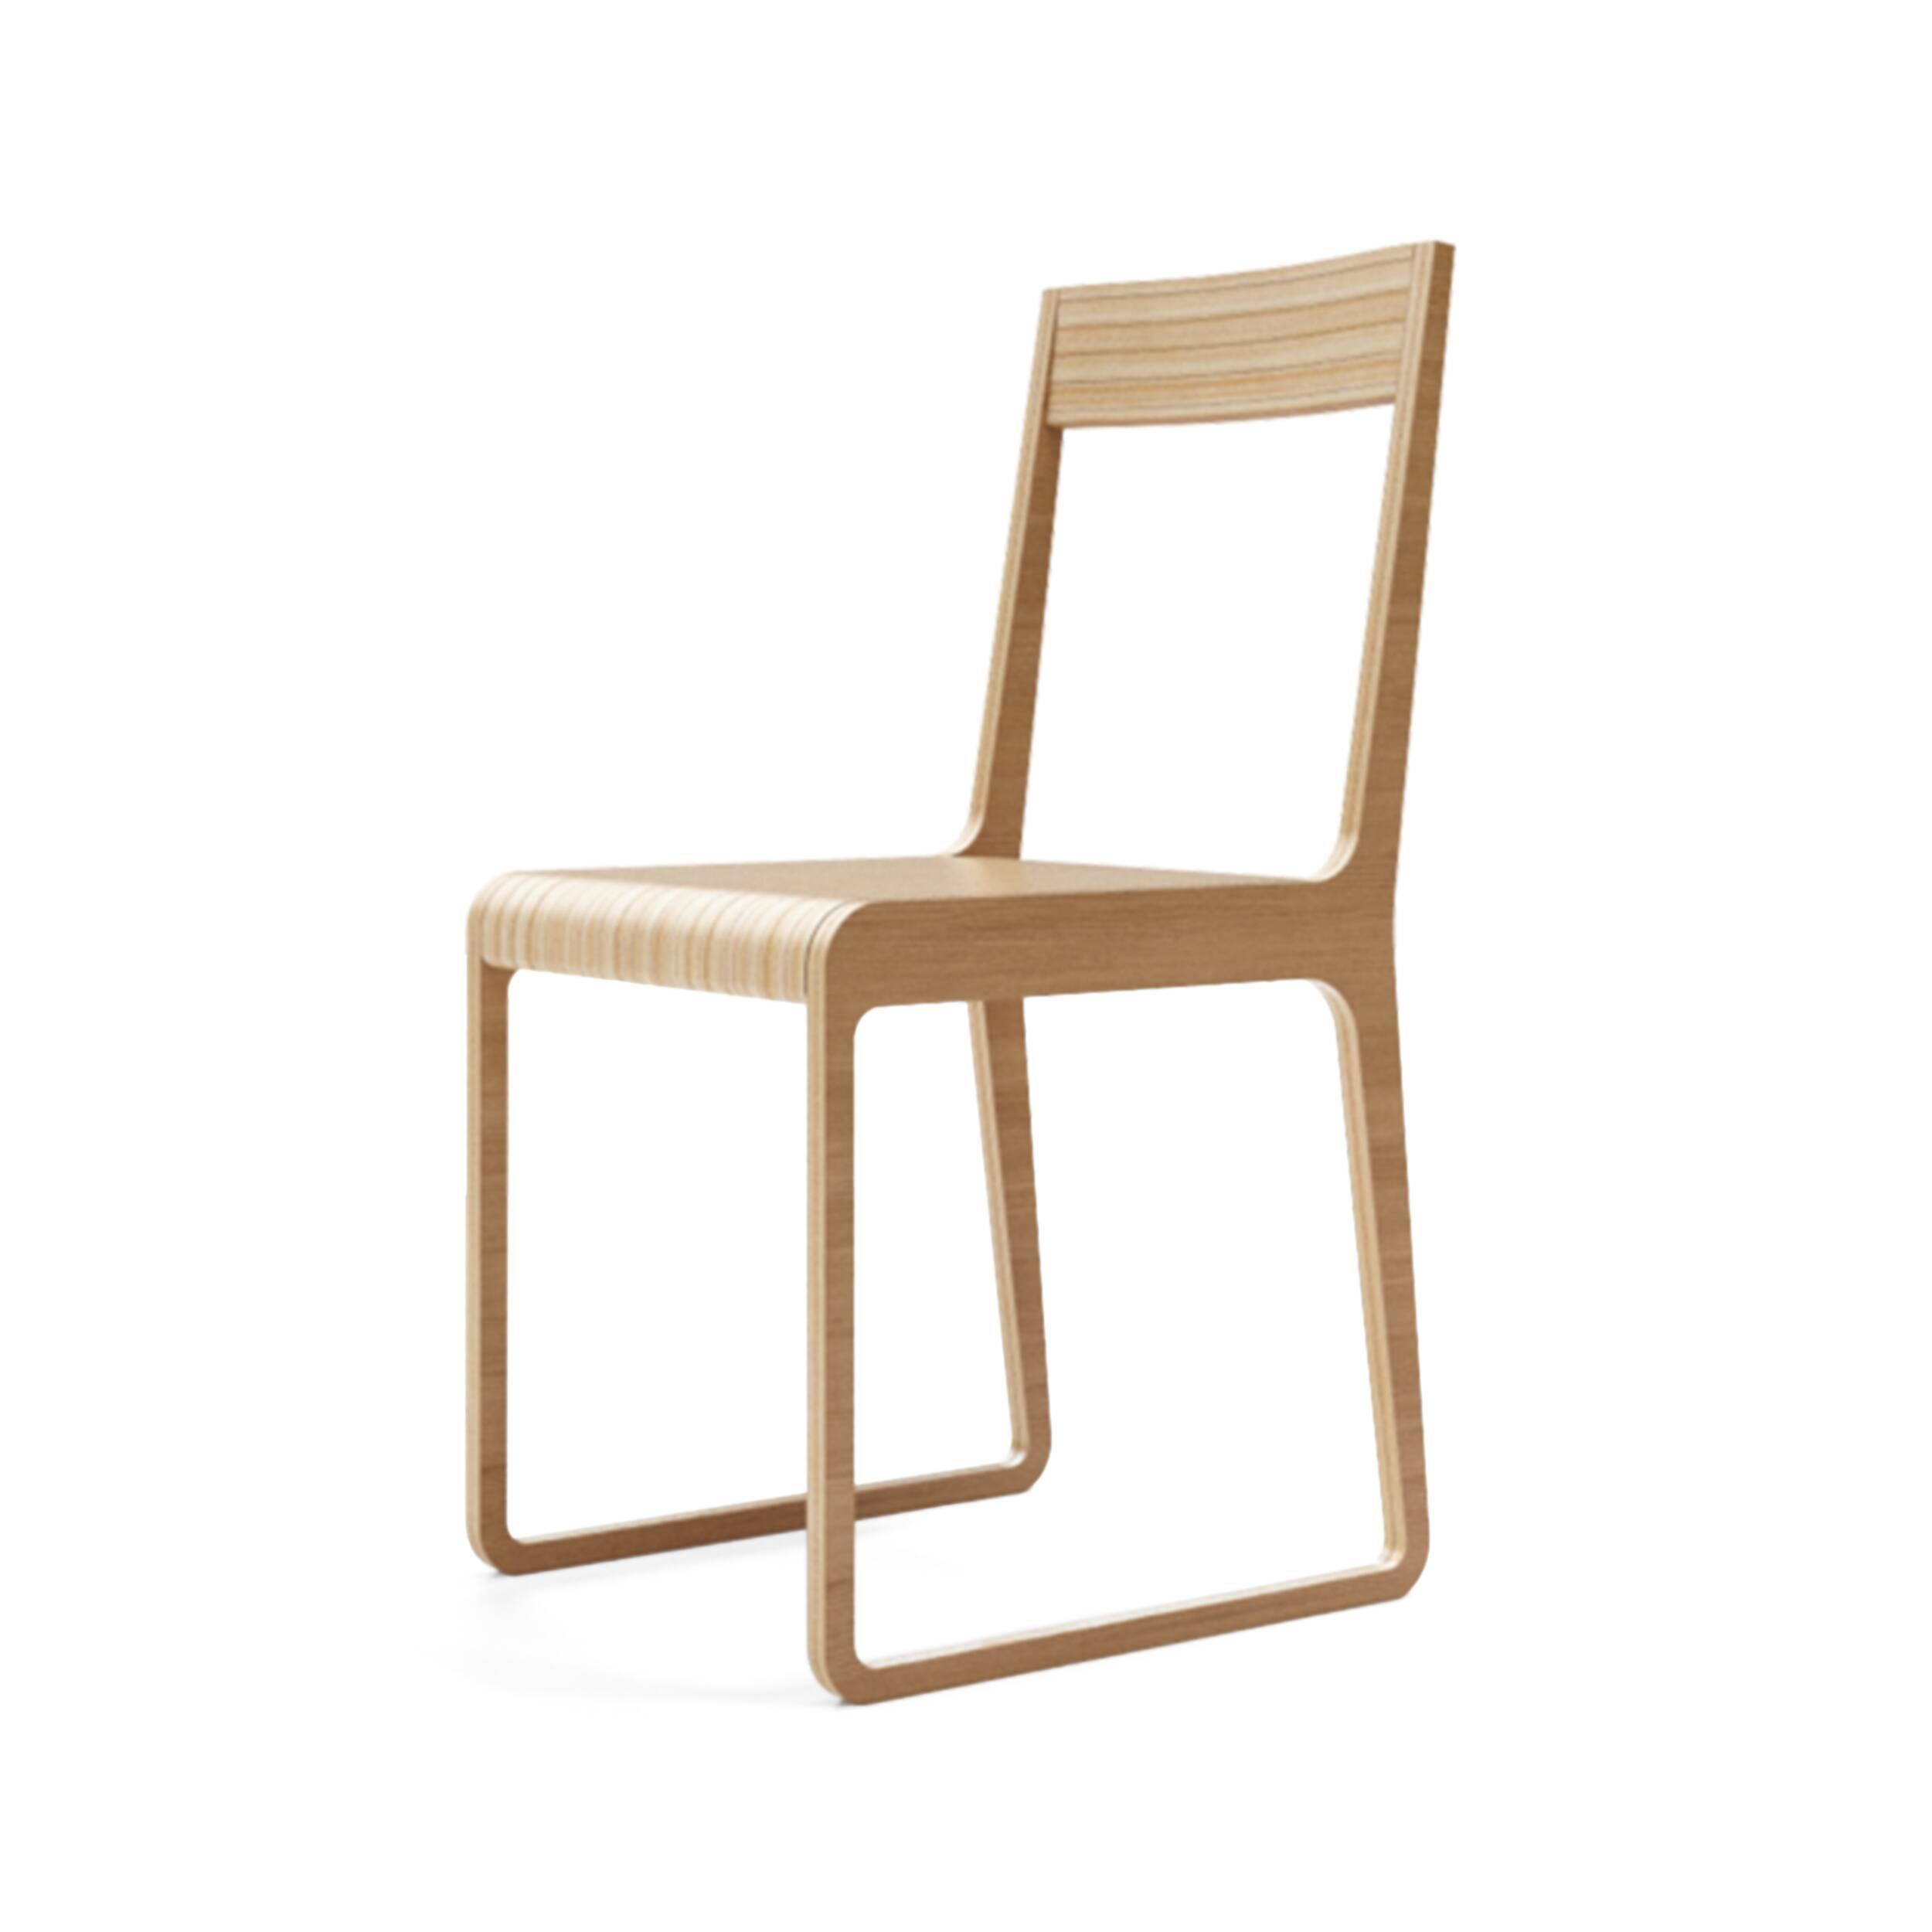 Стул SatersИнтерьерные<br>Дизайнерский легкий деревянный интерьерный стул Saters (Сатерс) классической формы в различных вариантах исполнения от Unika Moblar от Unika Moblar (Уника Моблар).<br>Классика современного дизайна — оригинальный стул Saters состоит из <br>склеенных элементов березовой фанеры и поставляется с различной отделкой:<br> натуральный шпон дуба или ореха или покраска в один из цветов, который<br> можно выбрать при заказе.<br><br>stock: 0<br>Высота: 85<br>Ширина: 40<br>Глубина: 51<br>Материал каркаса: Фанера, шпон дуба<br>Тип материала каркаса: Дерево<br>Цвет каркаса: Дуб